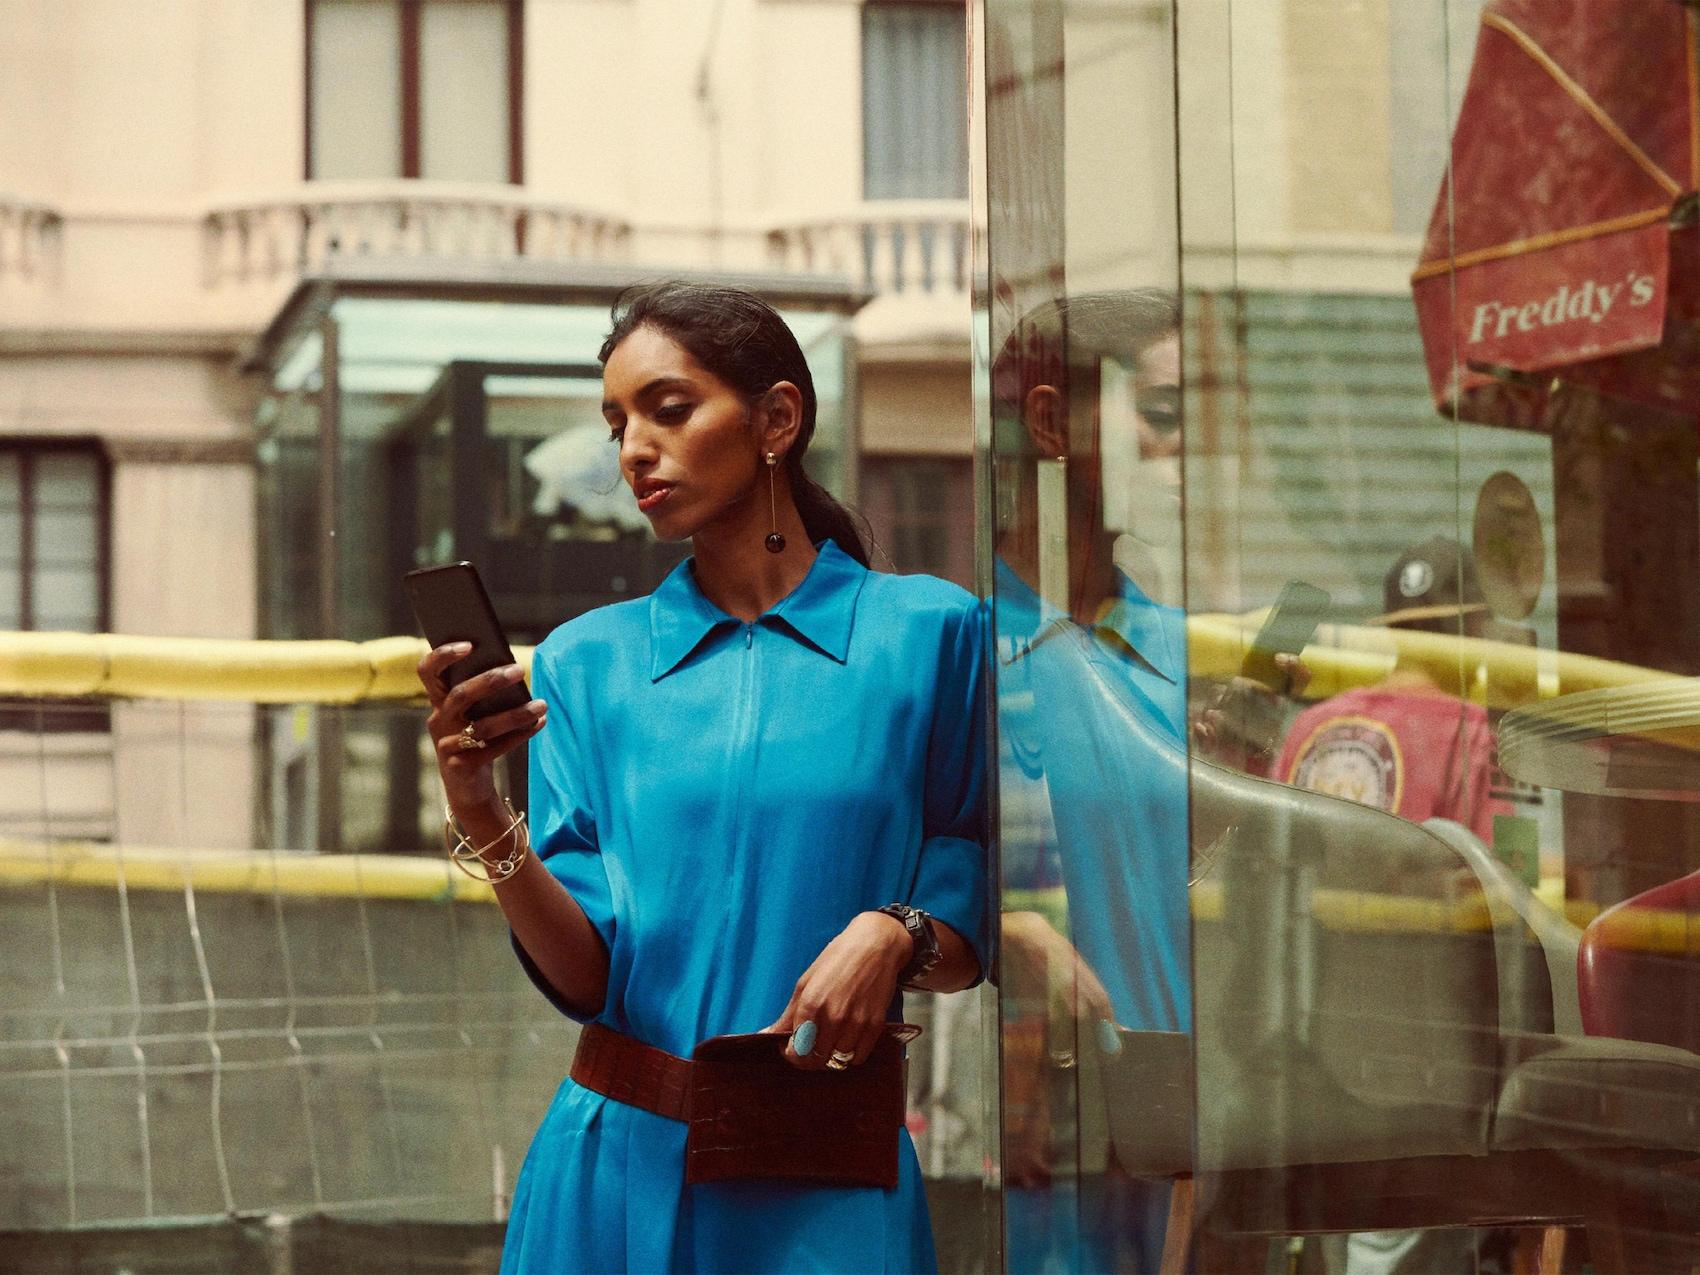 """Eine Frau nutzt die """"ready to""""-Services auf ihrem Mobiltelefon."""